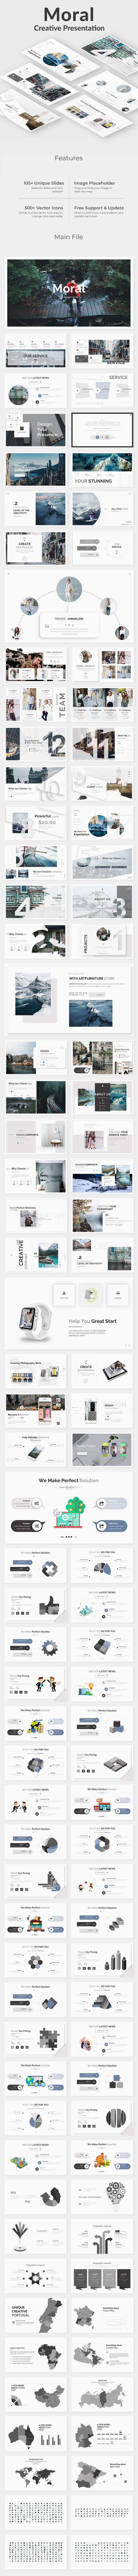 Moral Creative Google Slide Template - Google Slides Presentation Templates